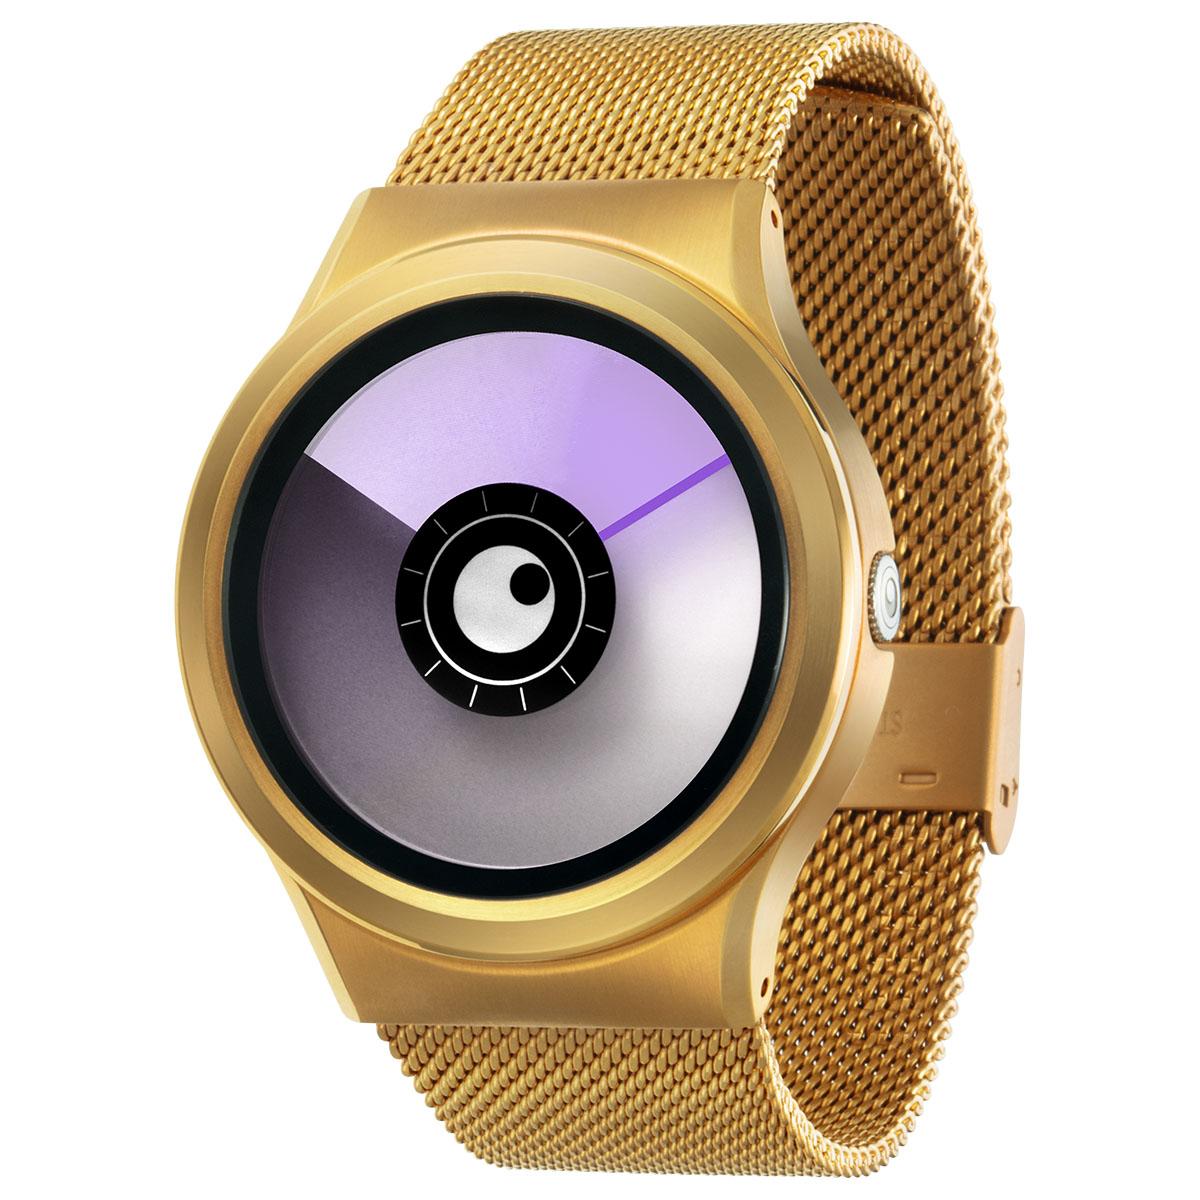 ファッションウォッチ デザインウォッチ 5ATM メーカー保障12ヶ月 ベルト調整用工具 休日 LOGO入りクロス 取扱説明書 ZIIIROとは関係ありません ZEROOTIME ゼロタイム ZEROO AURORA メンズ W12023B04SM04 ユニセックス 腕時計 レディース キャンペーンもお見逃しなく 電池式クォーツ ゼロ おしゃれ時計 ペア用 BOREALIS デザイナーズ パープル